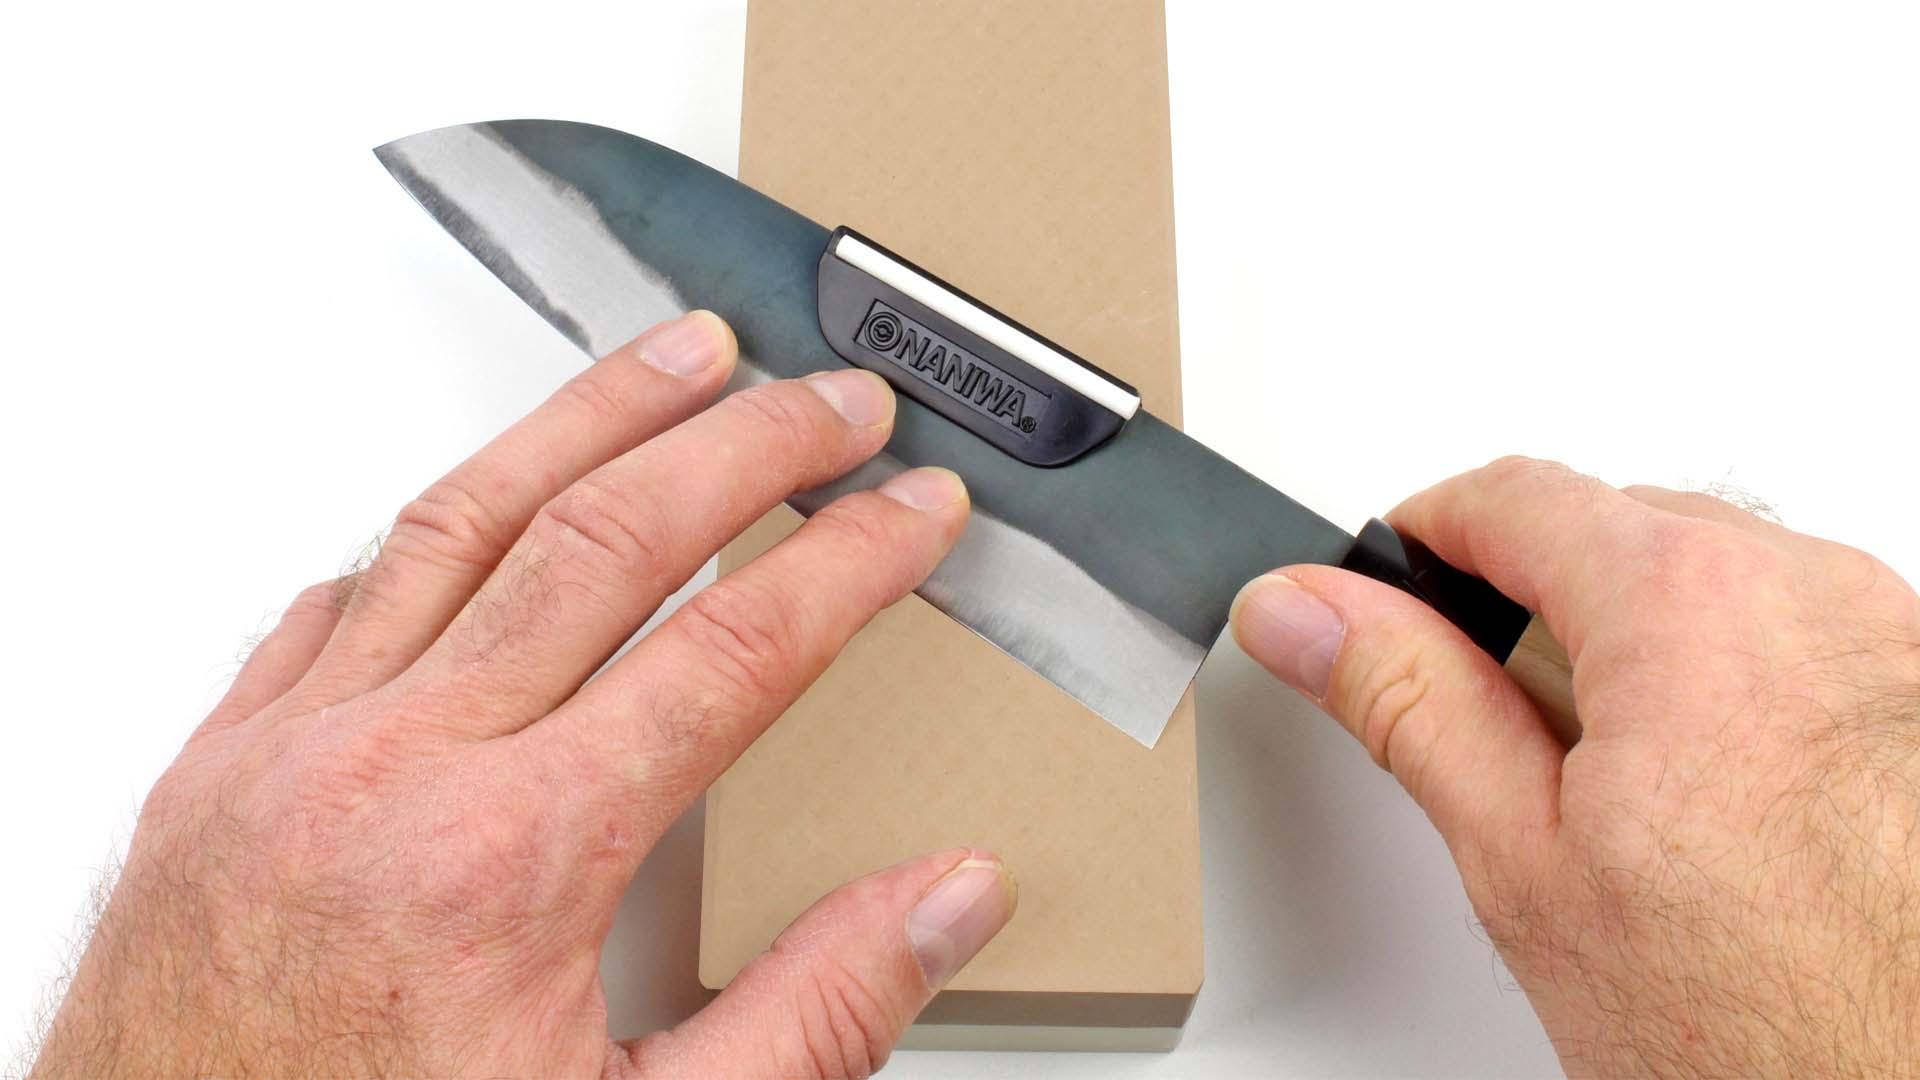 limare coltelli  Guida a clip per l'affilatura dei coltelli | UTENSILI PROFESSIONALI